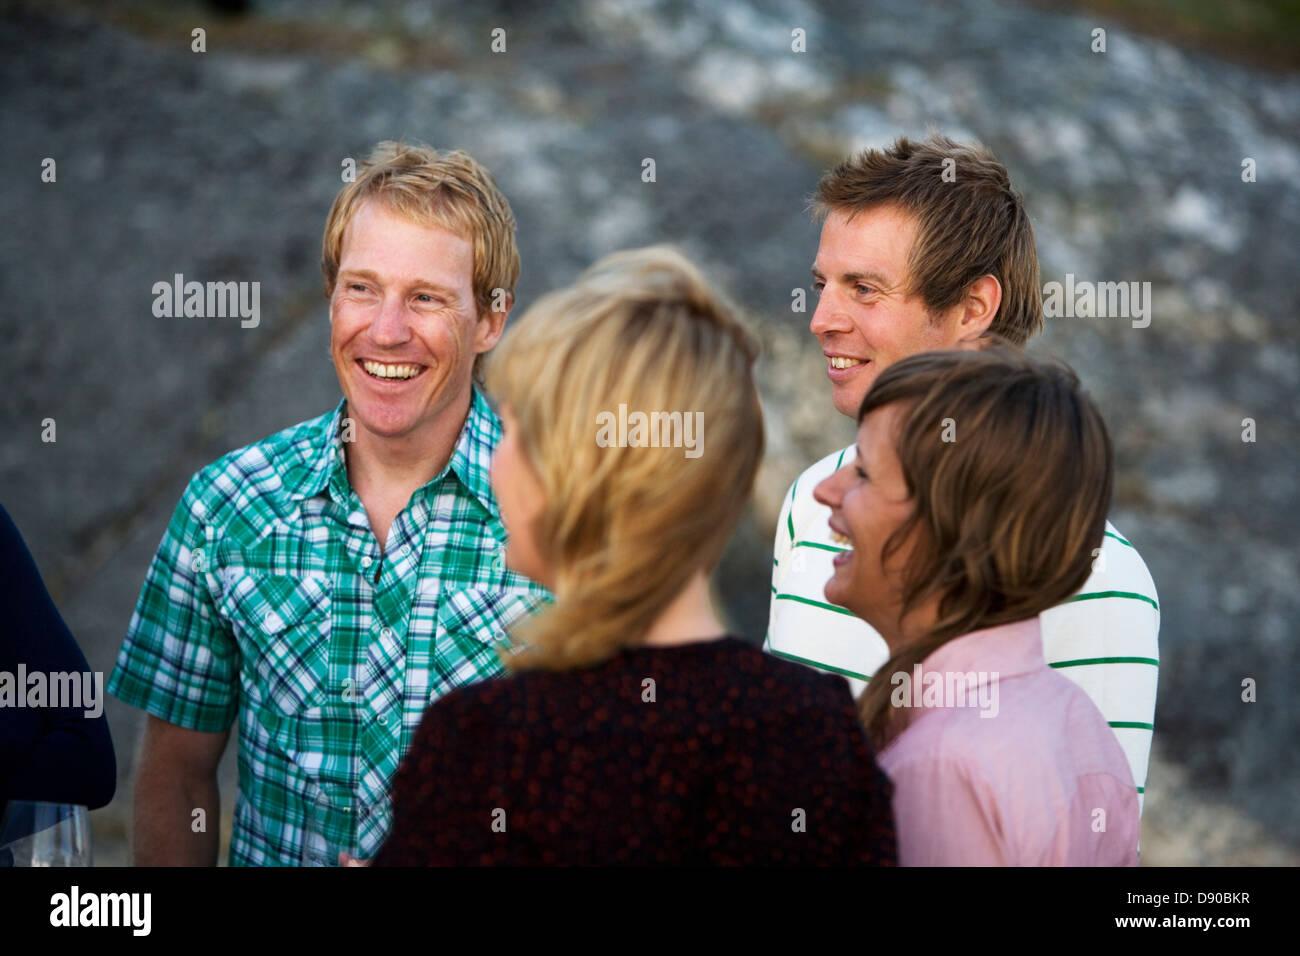 Freunden verbringen Zeit miteinander, Fejan, Stockholmer Schären, Schweden. Stockfoto